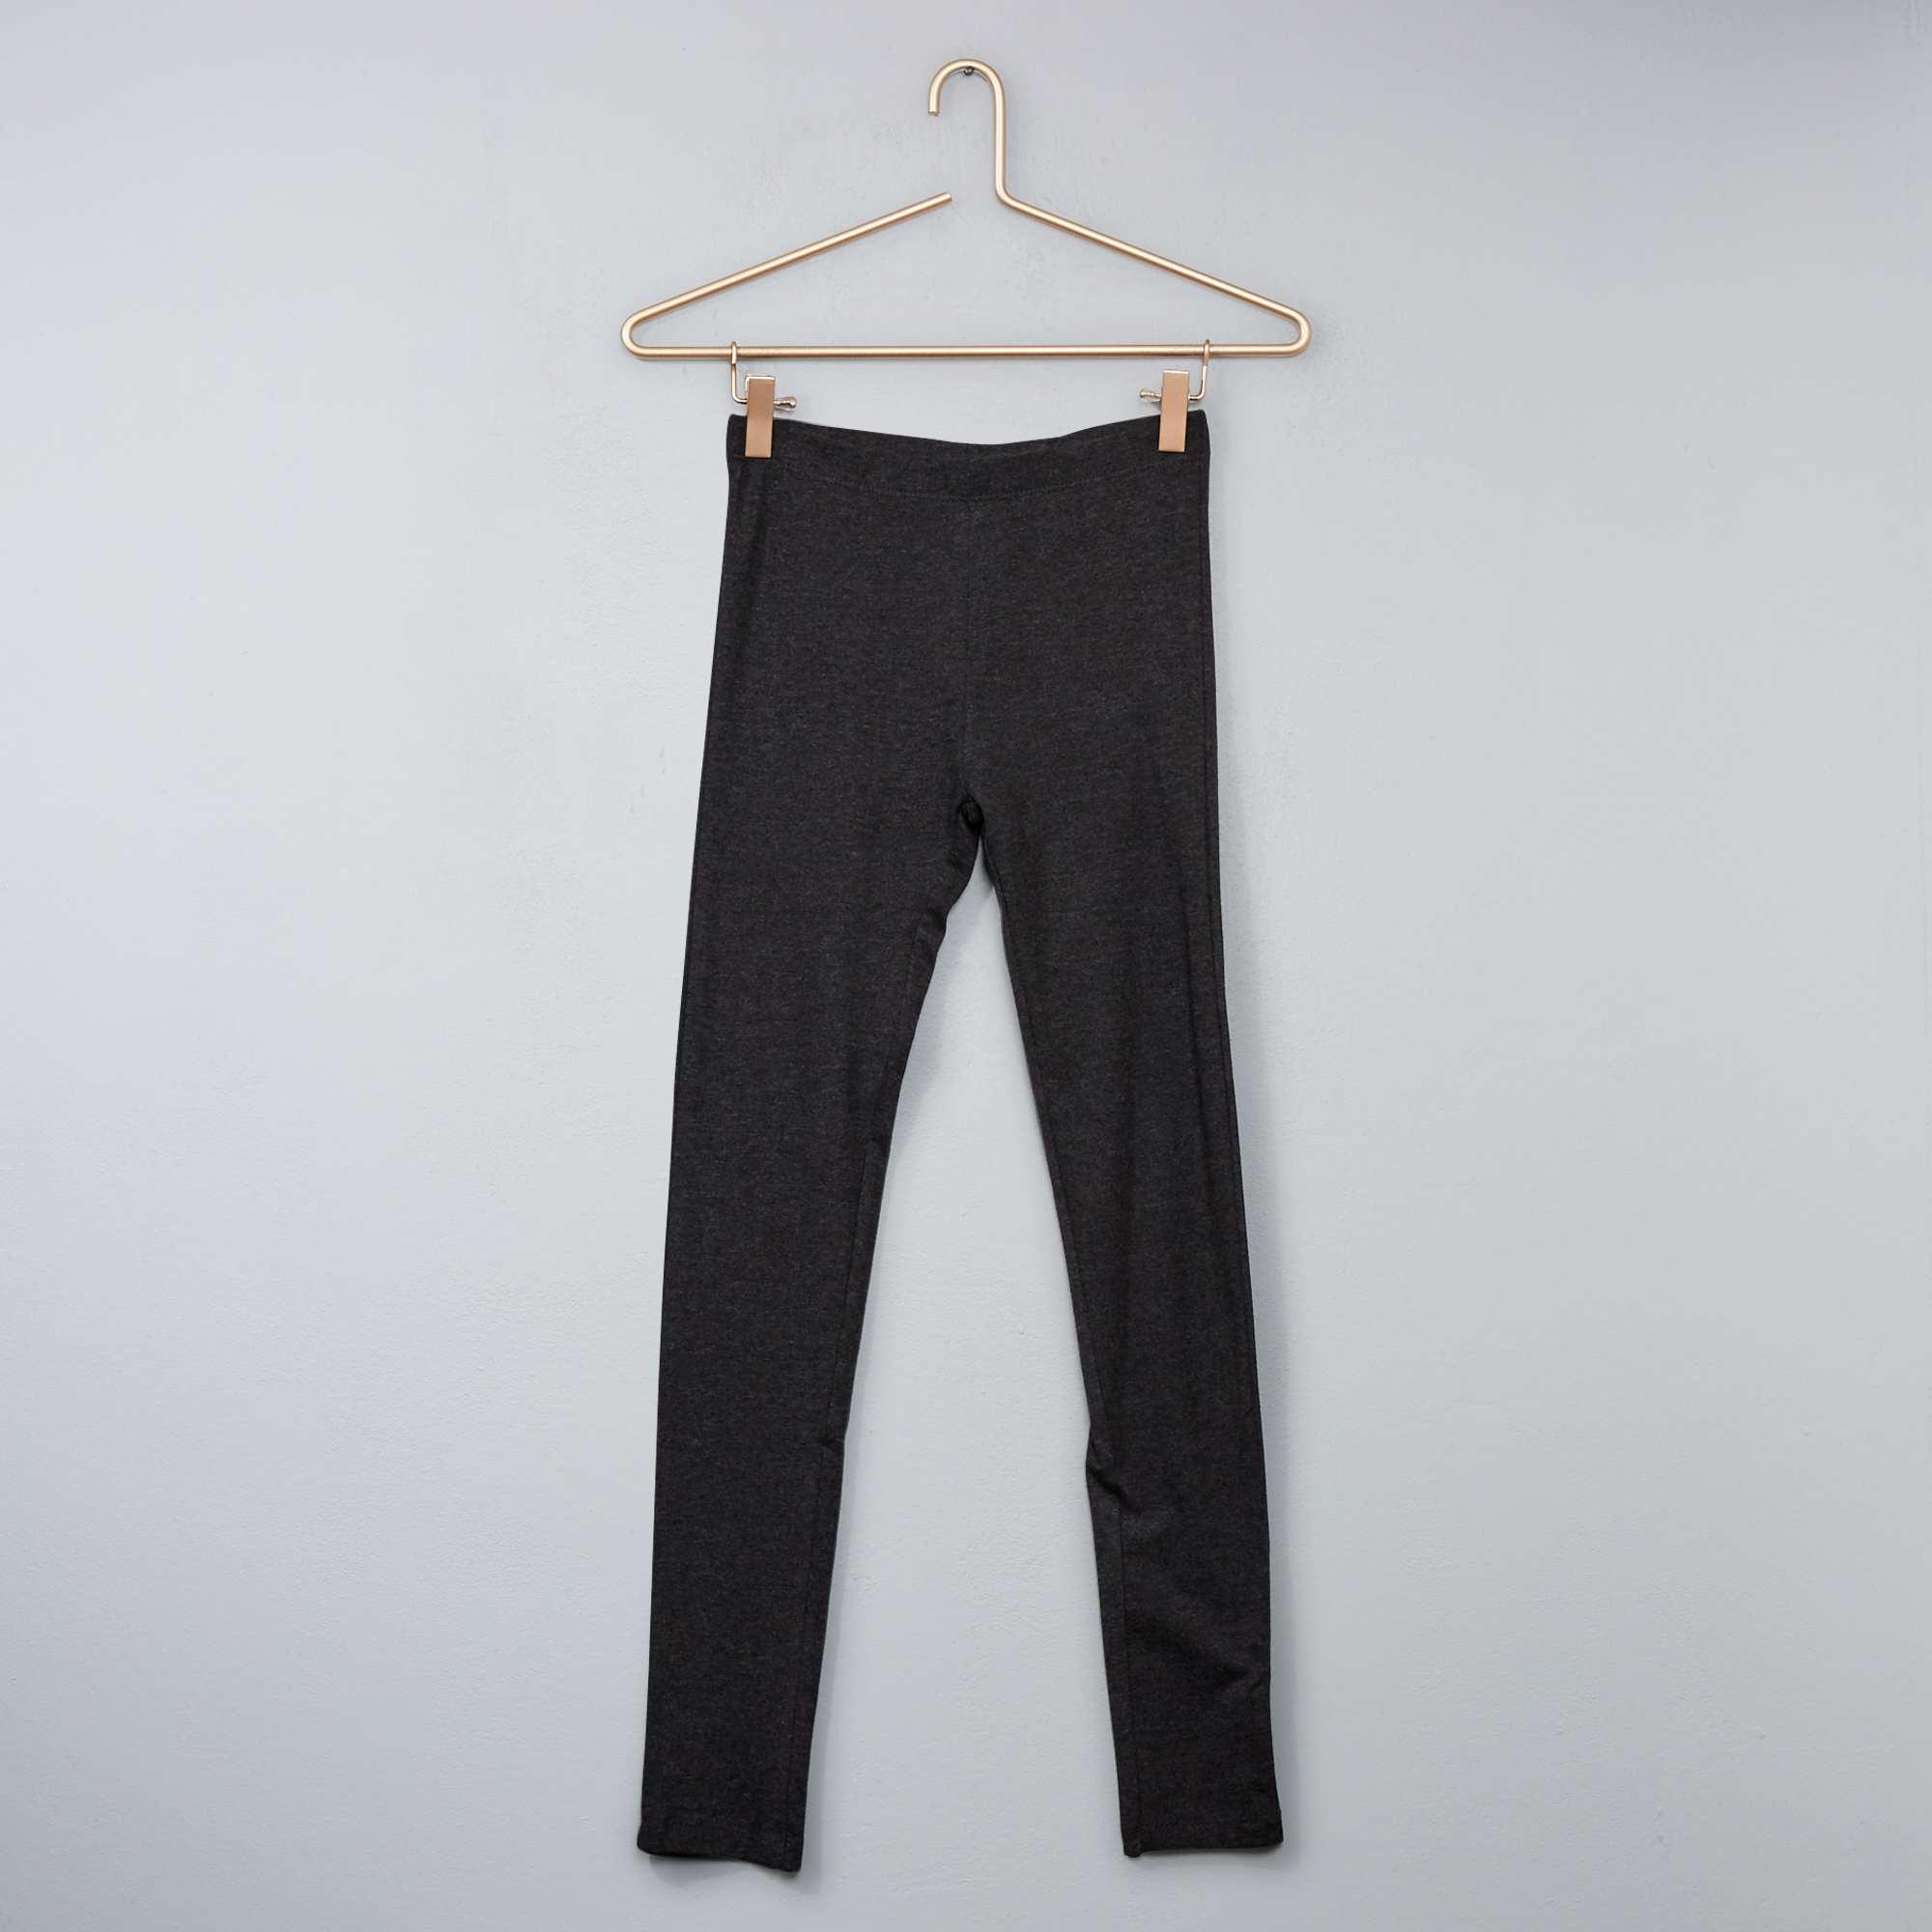 Couleur : noir, bleu marine, gris chiné foncé,, - Taille : 12A, 10A, S,XS,MBasique mode ! Le legging long stretch uni, taille élastique.